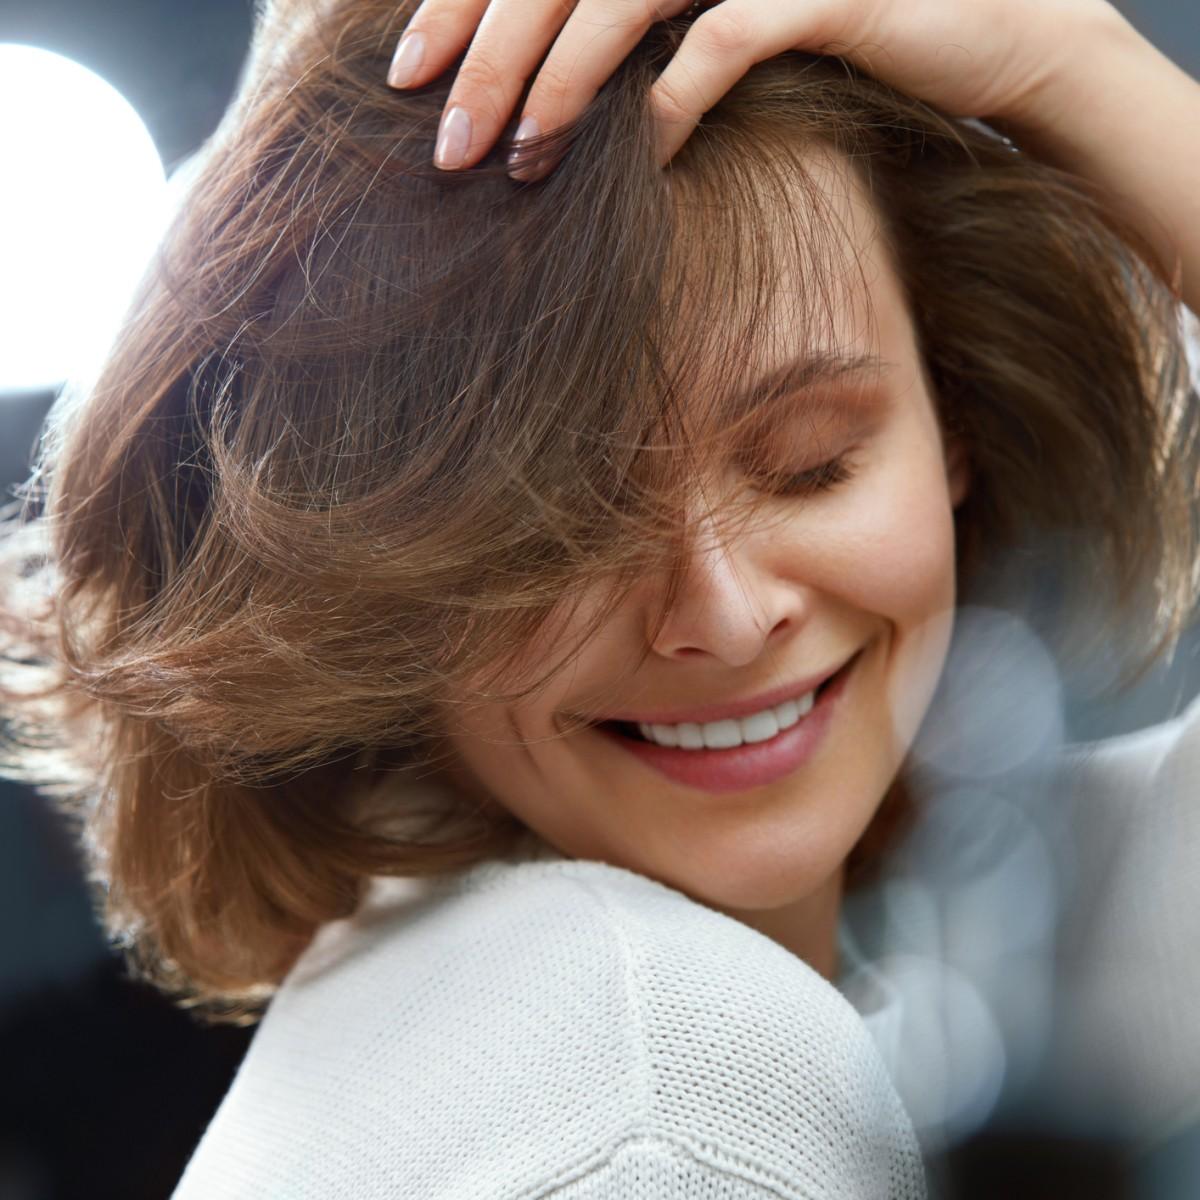 Ab frauen frisuren 40 für 11 Frisuren